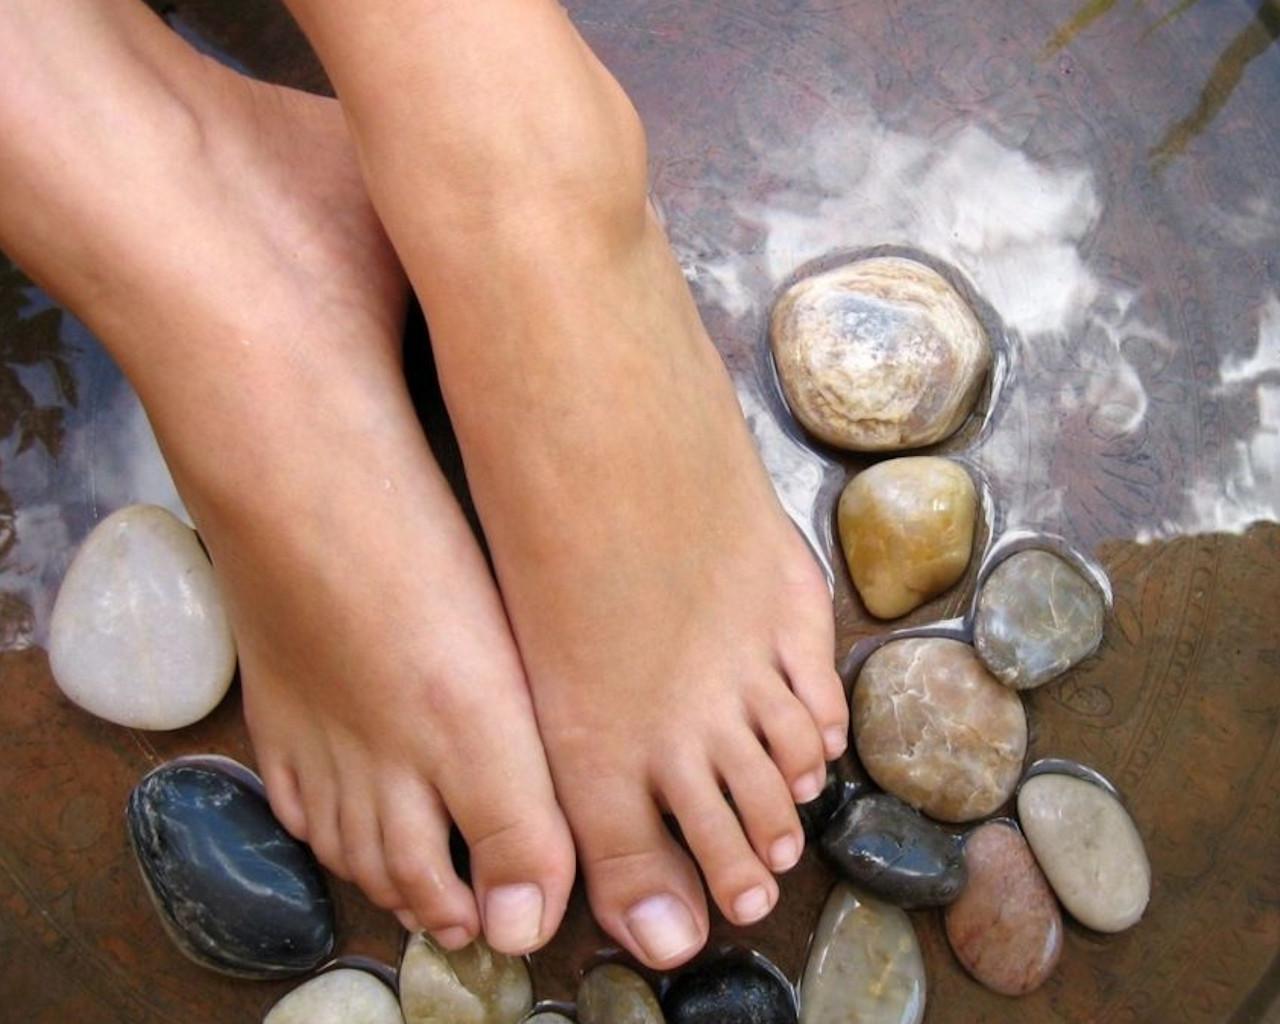 ποδια,ποδια θηλασμου,ποδια σε μετρα,ποδια νονασ,ποδια κουζινασ,ποδια επιπλων,ποδια βαρια που καινε,ποδιατροσ